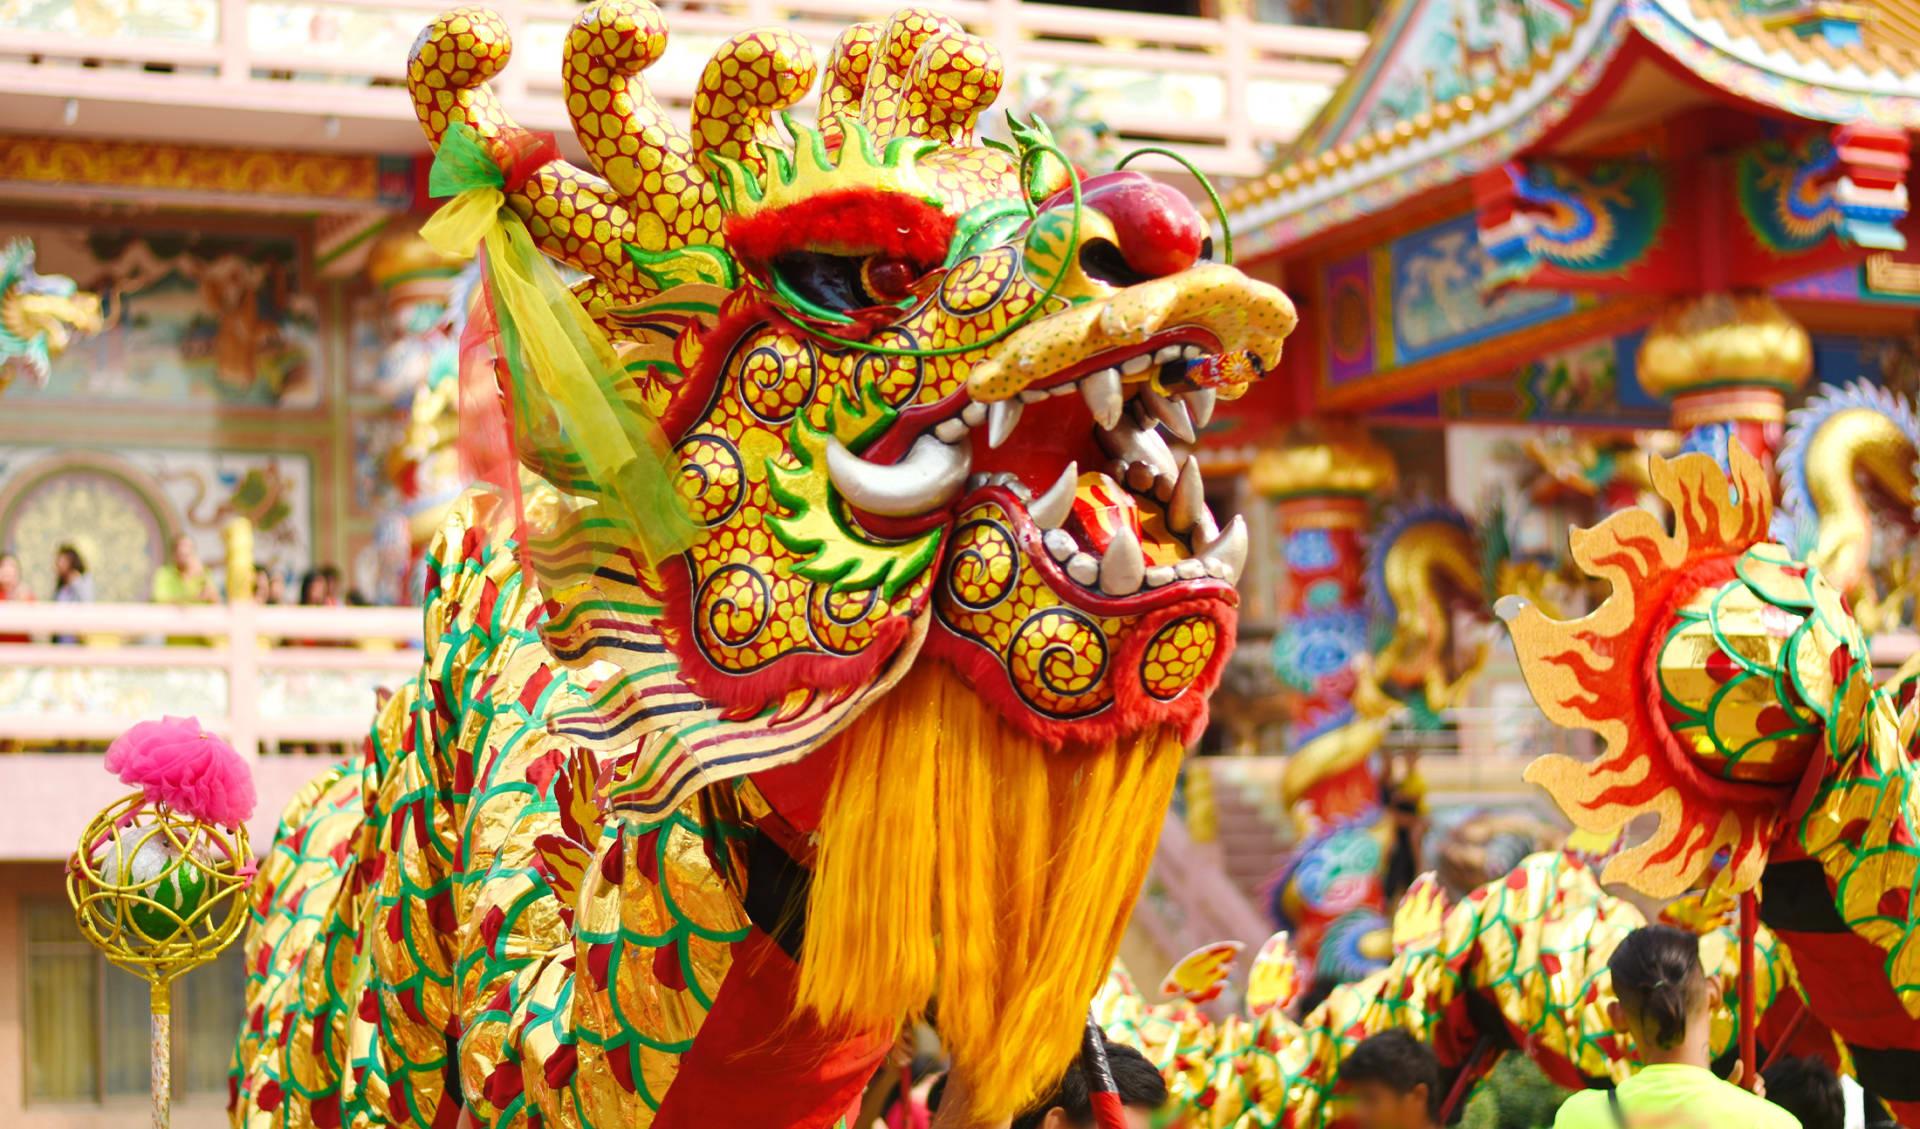 Chinesischer Drachentanz, China